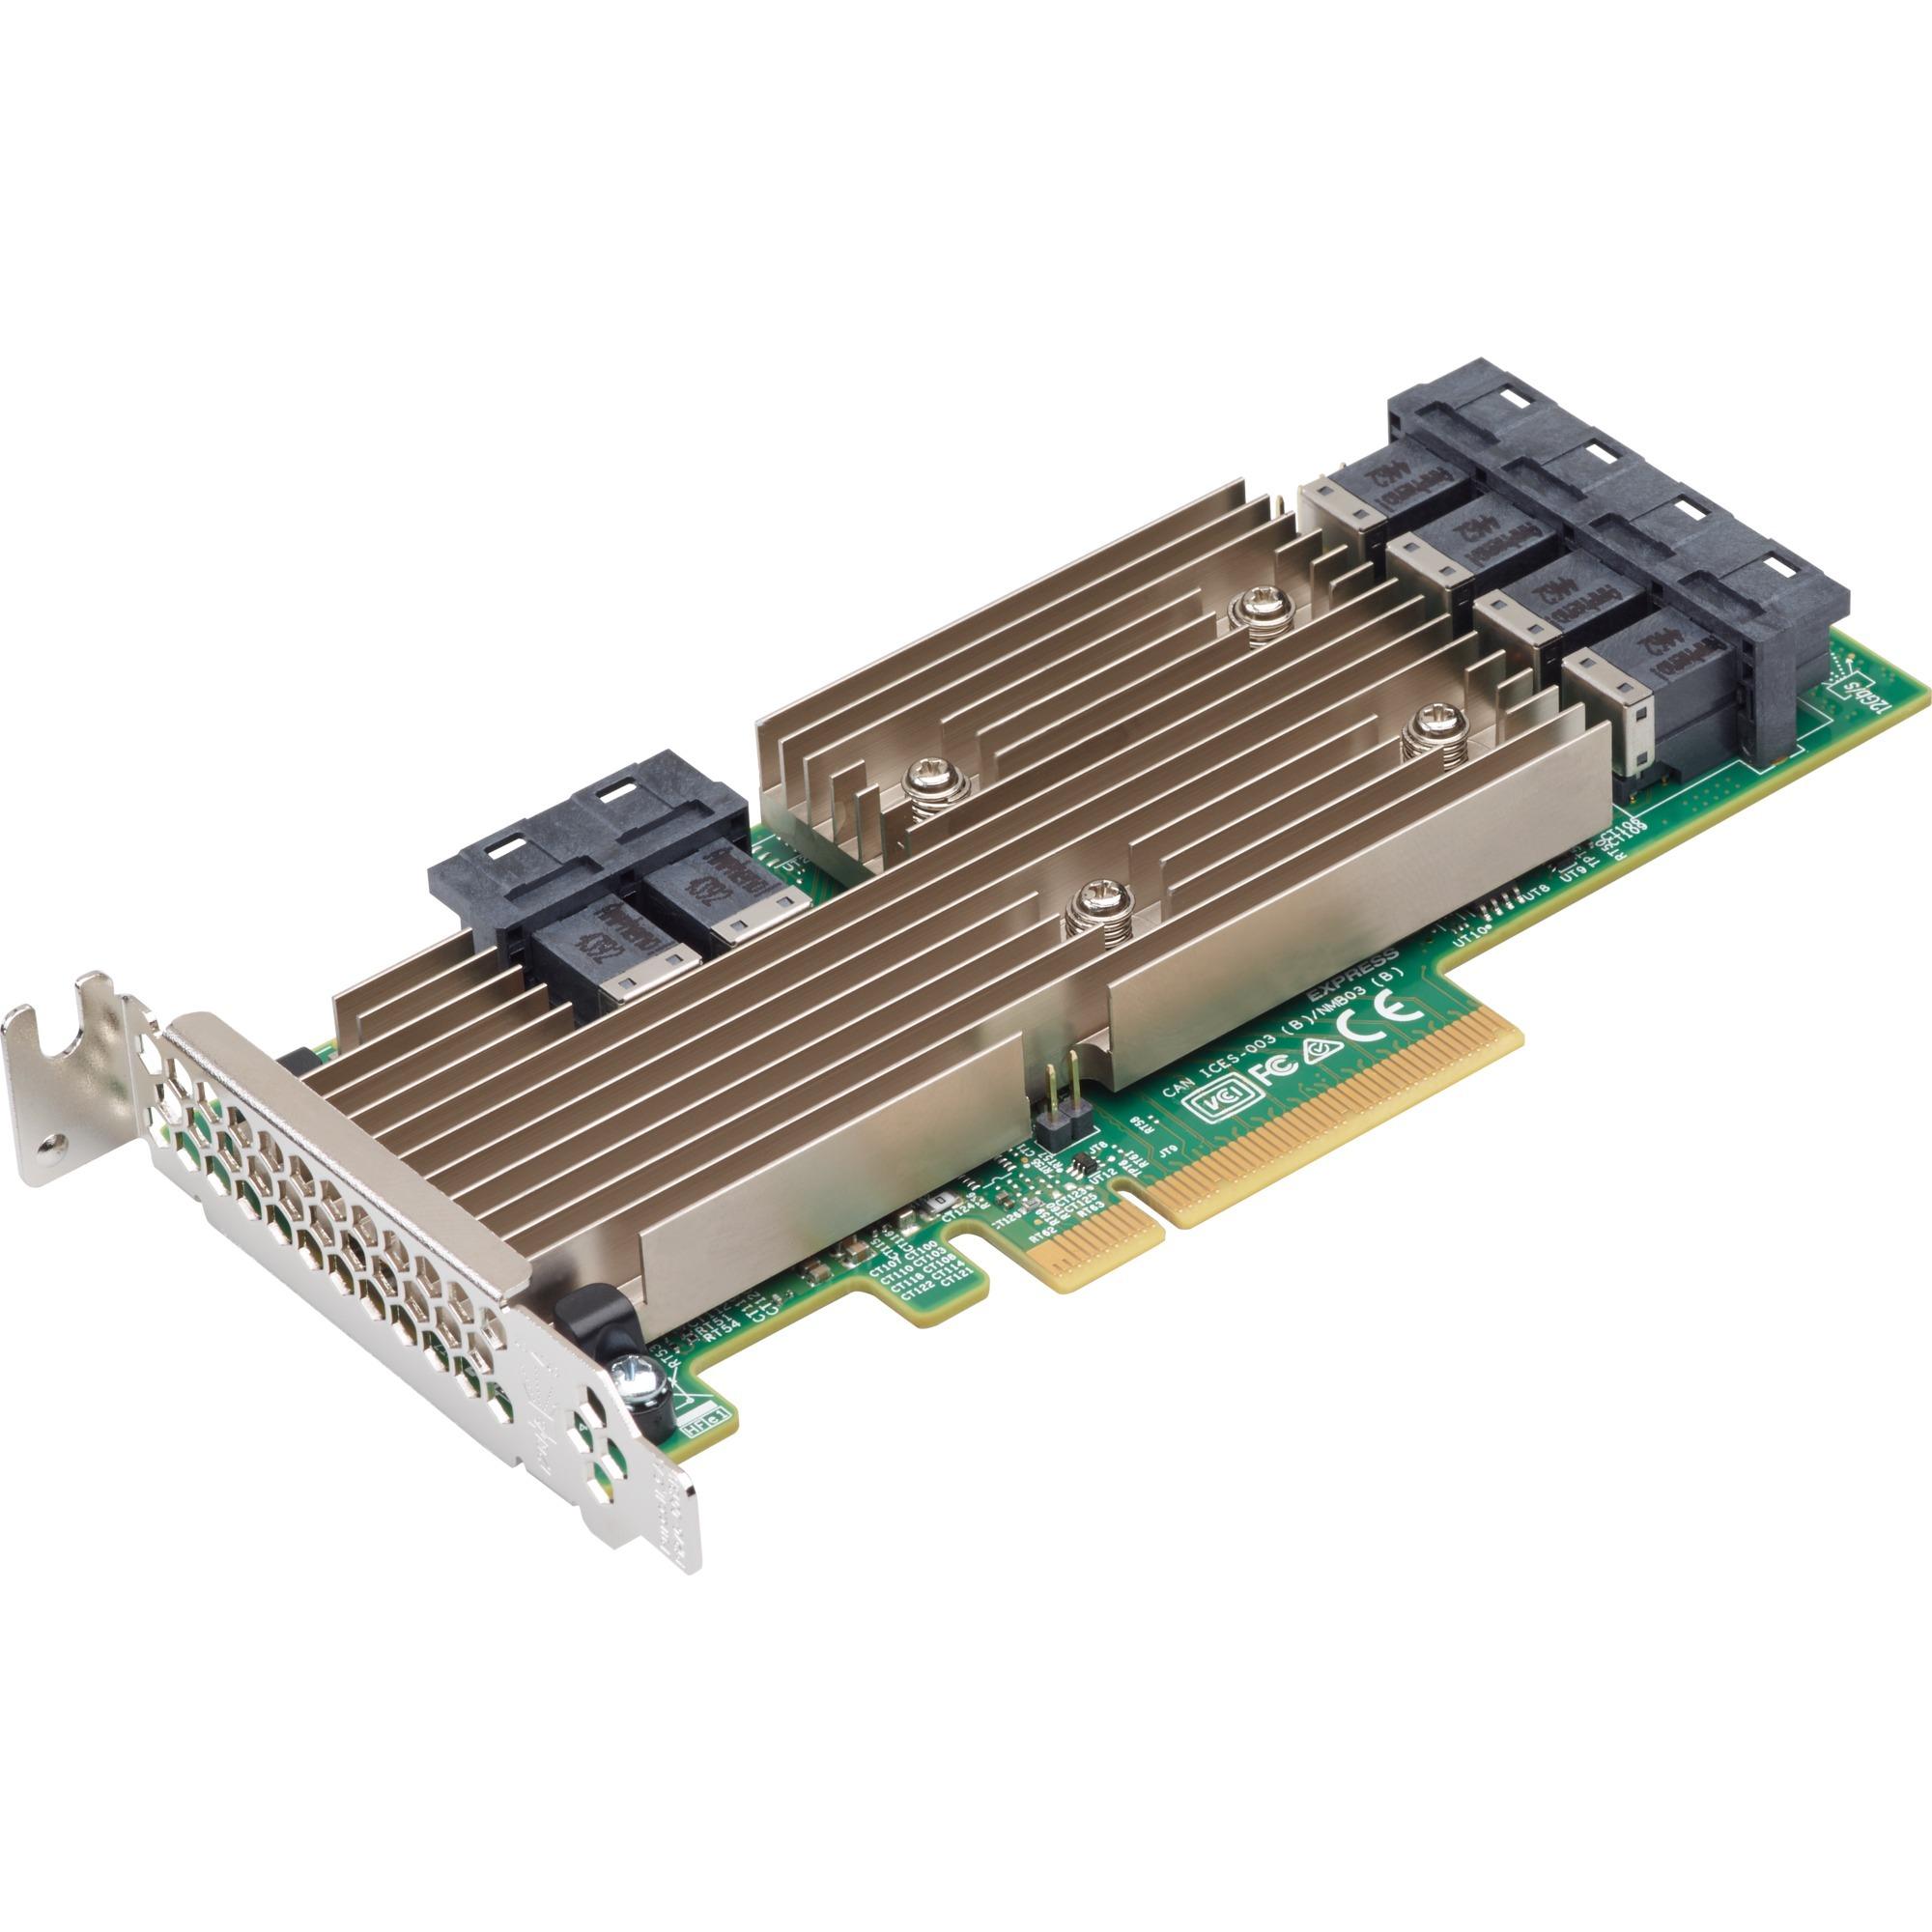 9305-24i Interno PCIe, mini SAS tarjeta y adaptador de interfaz, Controlador